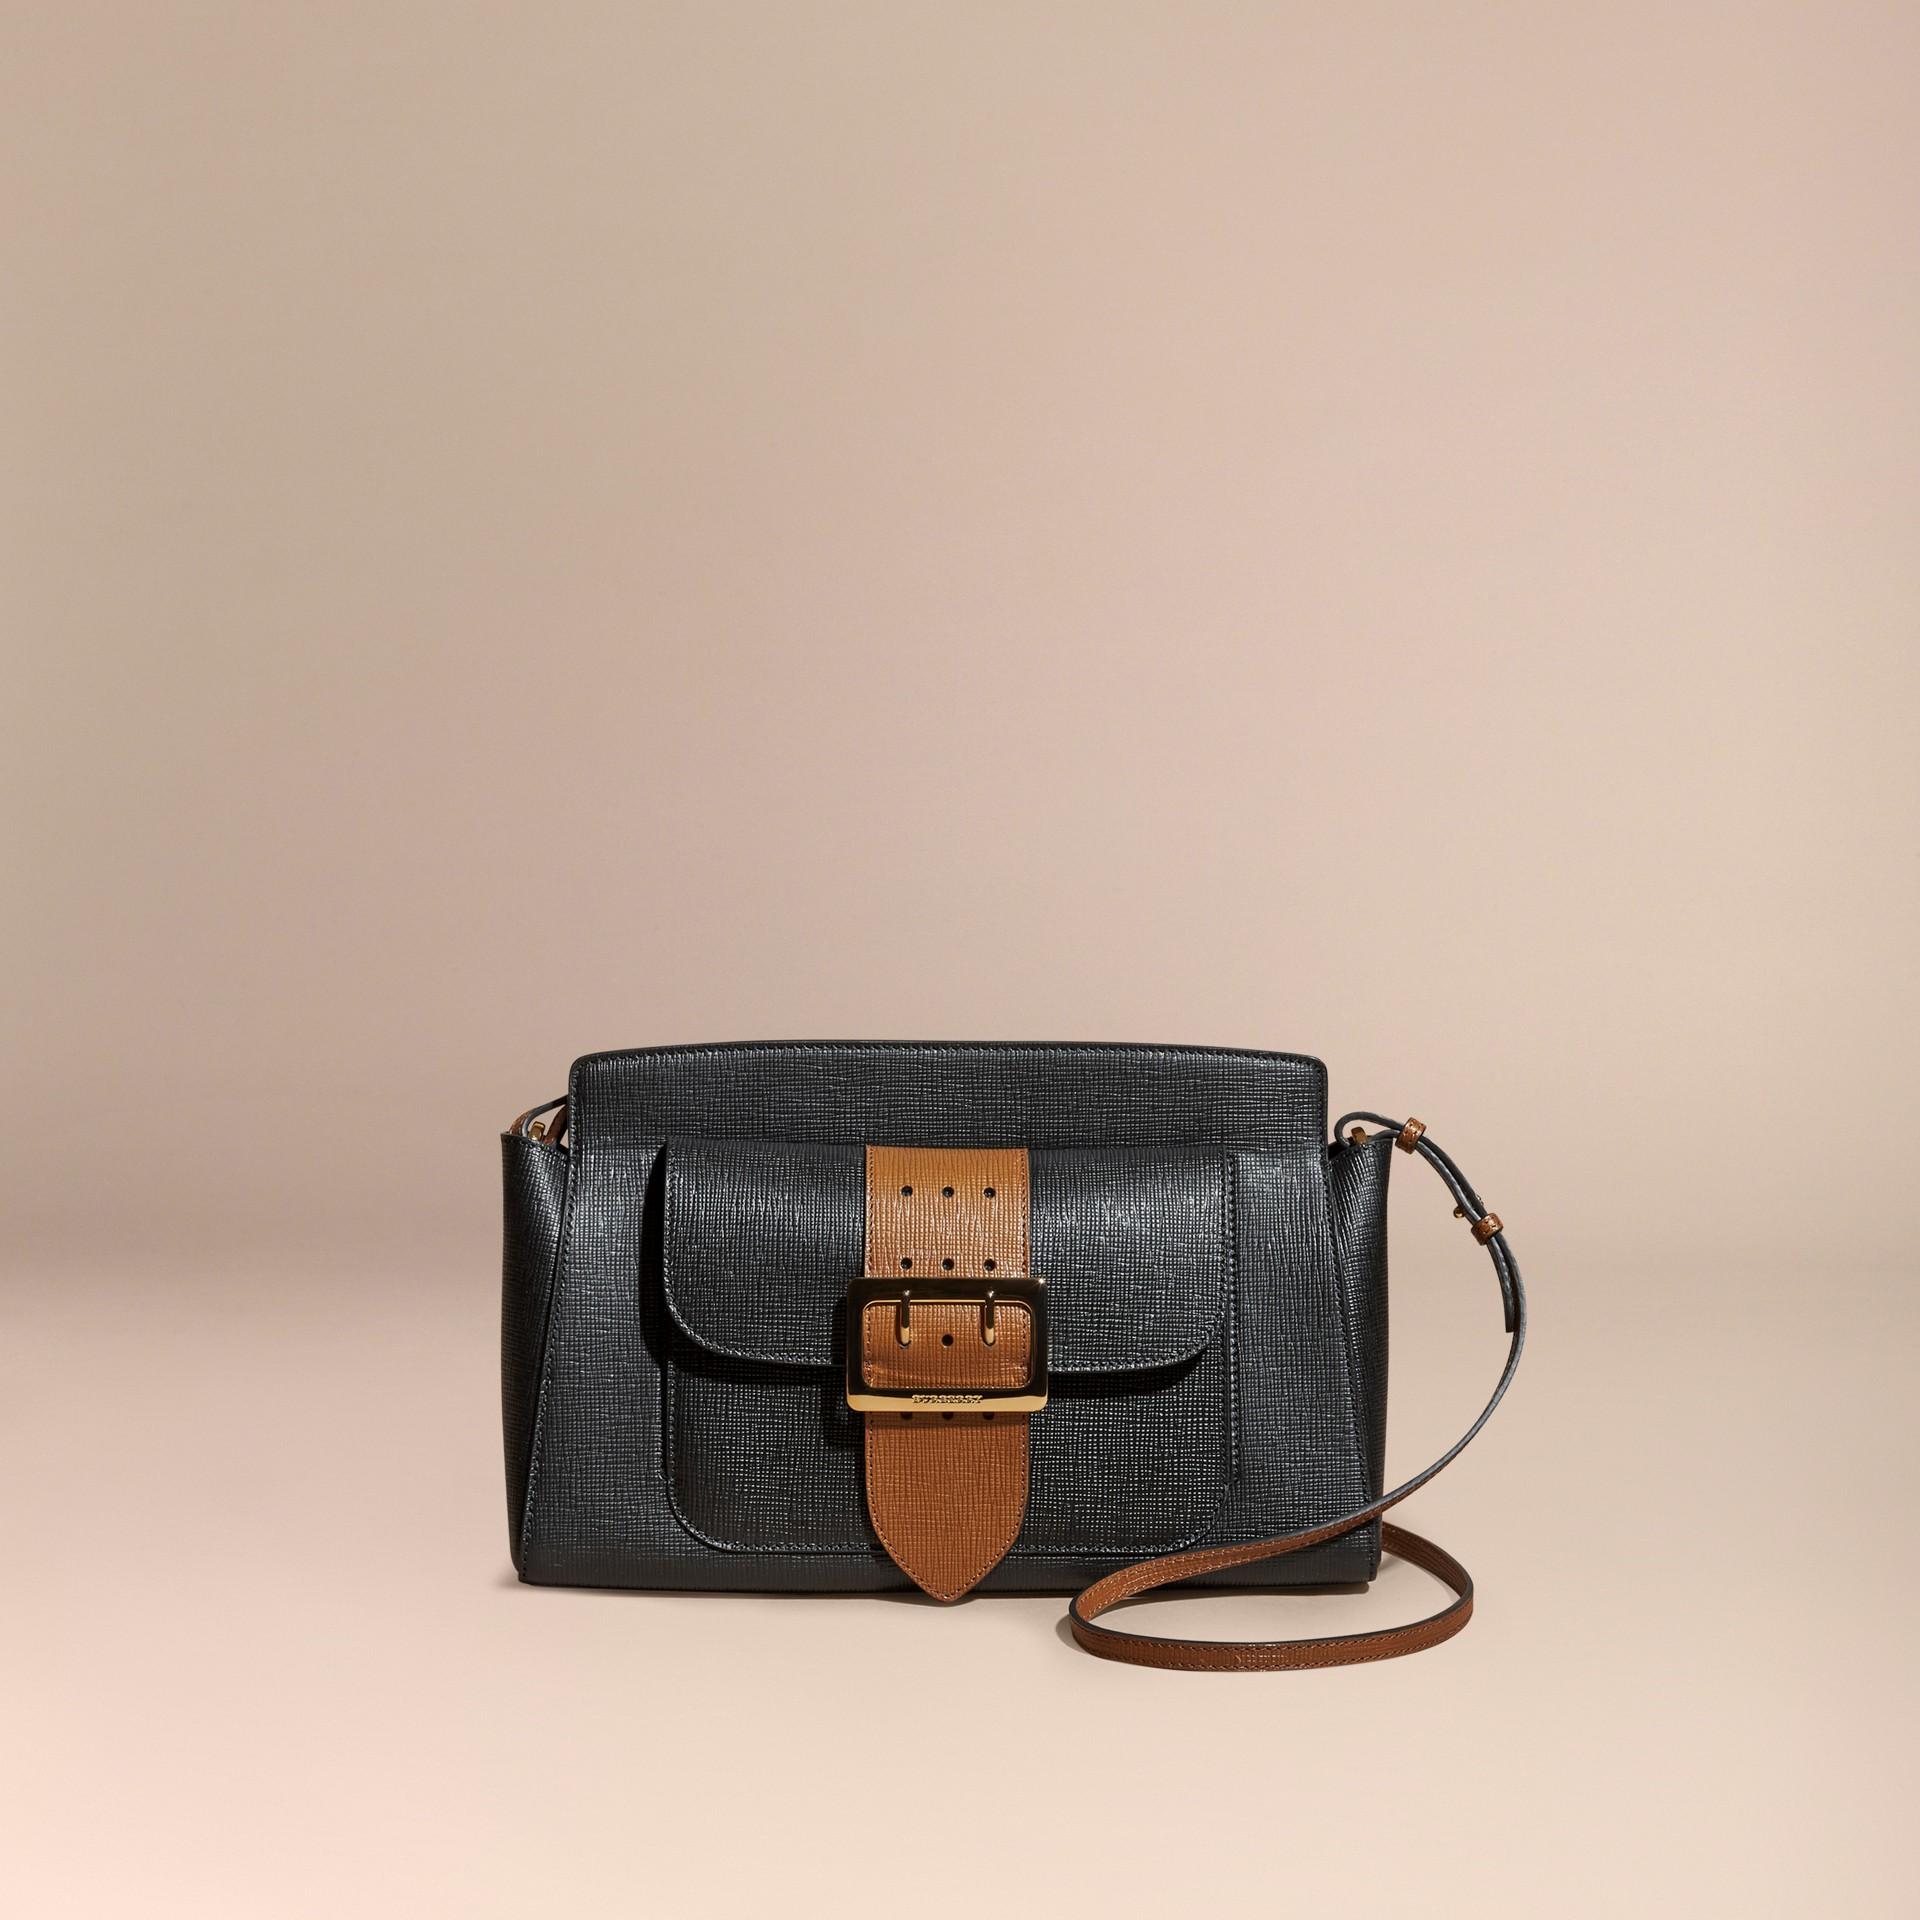 Черный Сумка-клатч Saddle из текстурной кожи - изображение 9